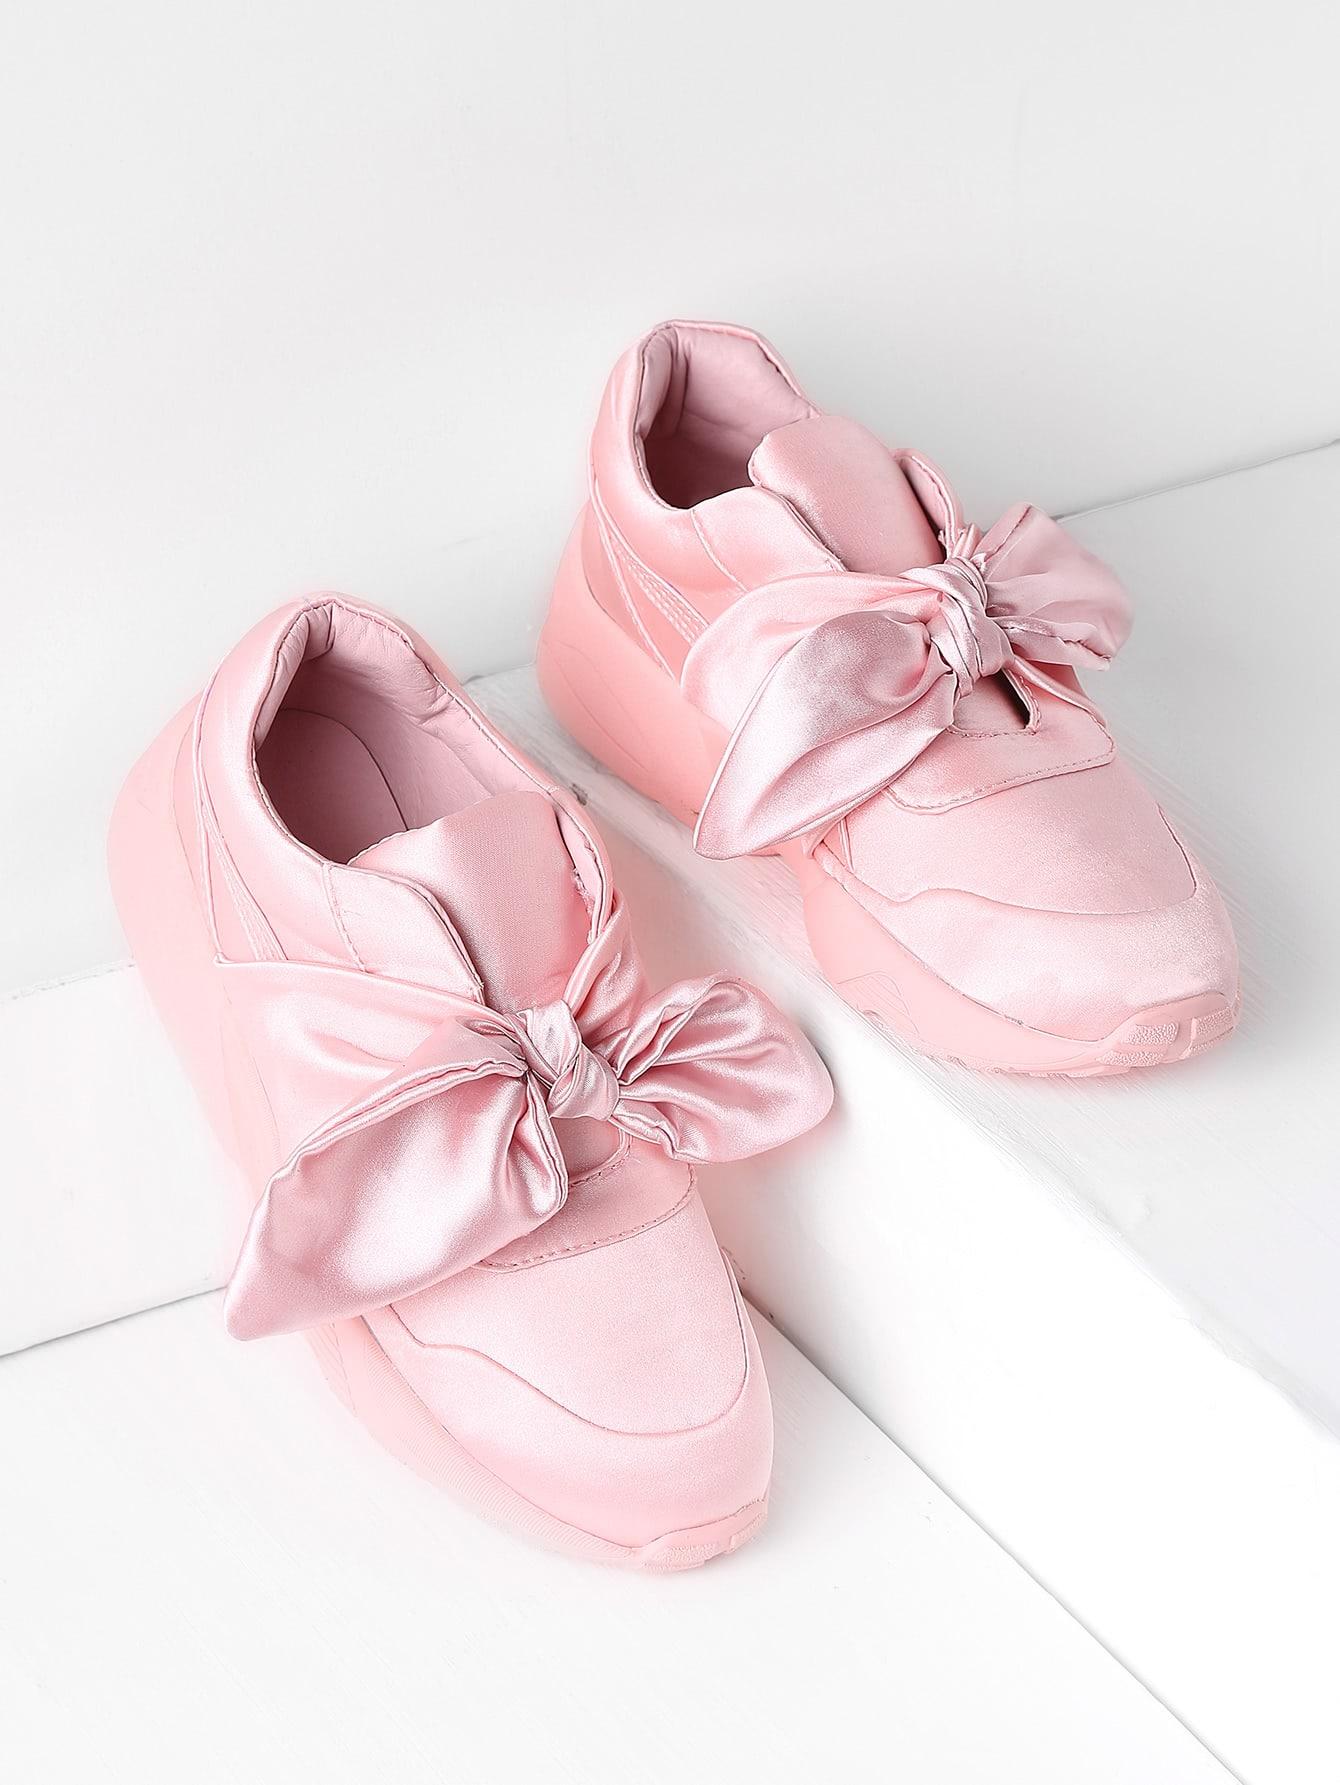 shoes170419805_2